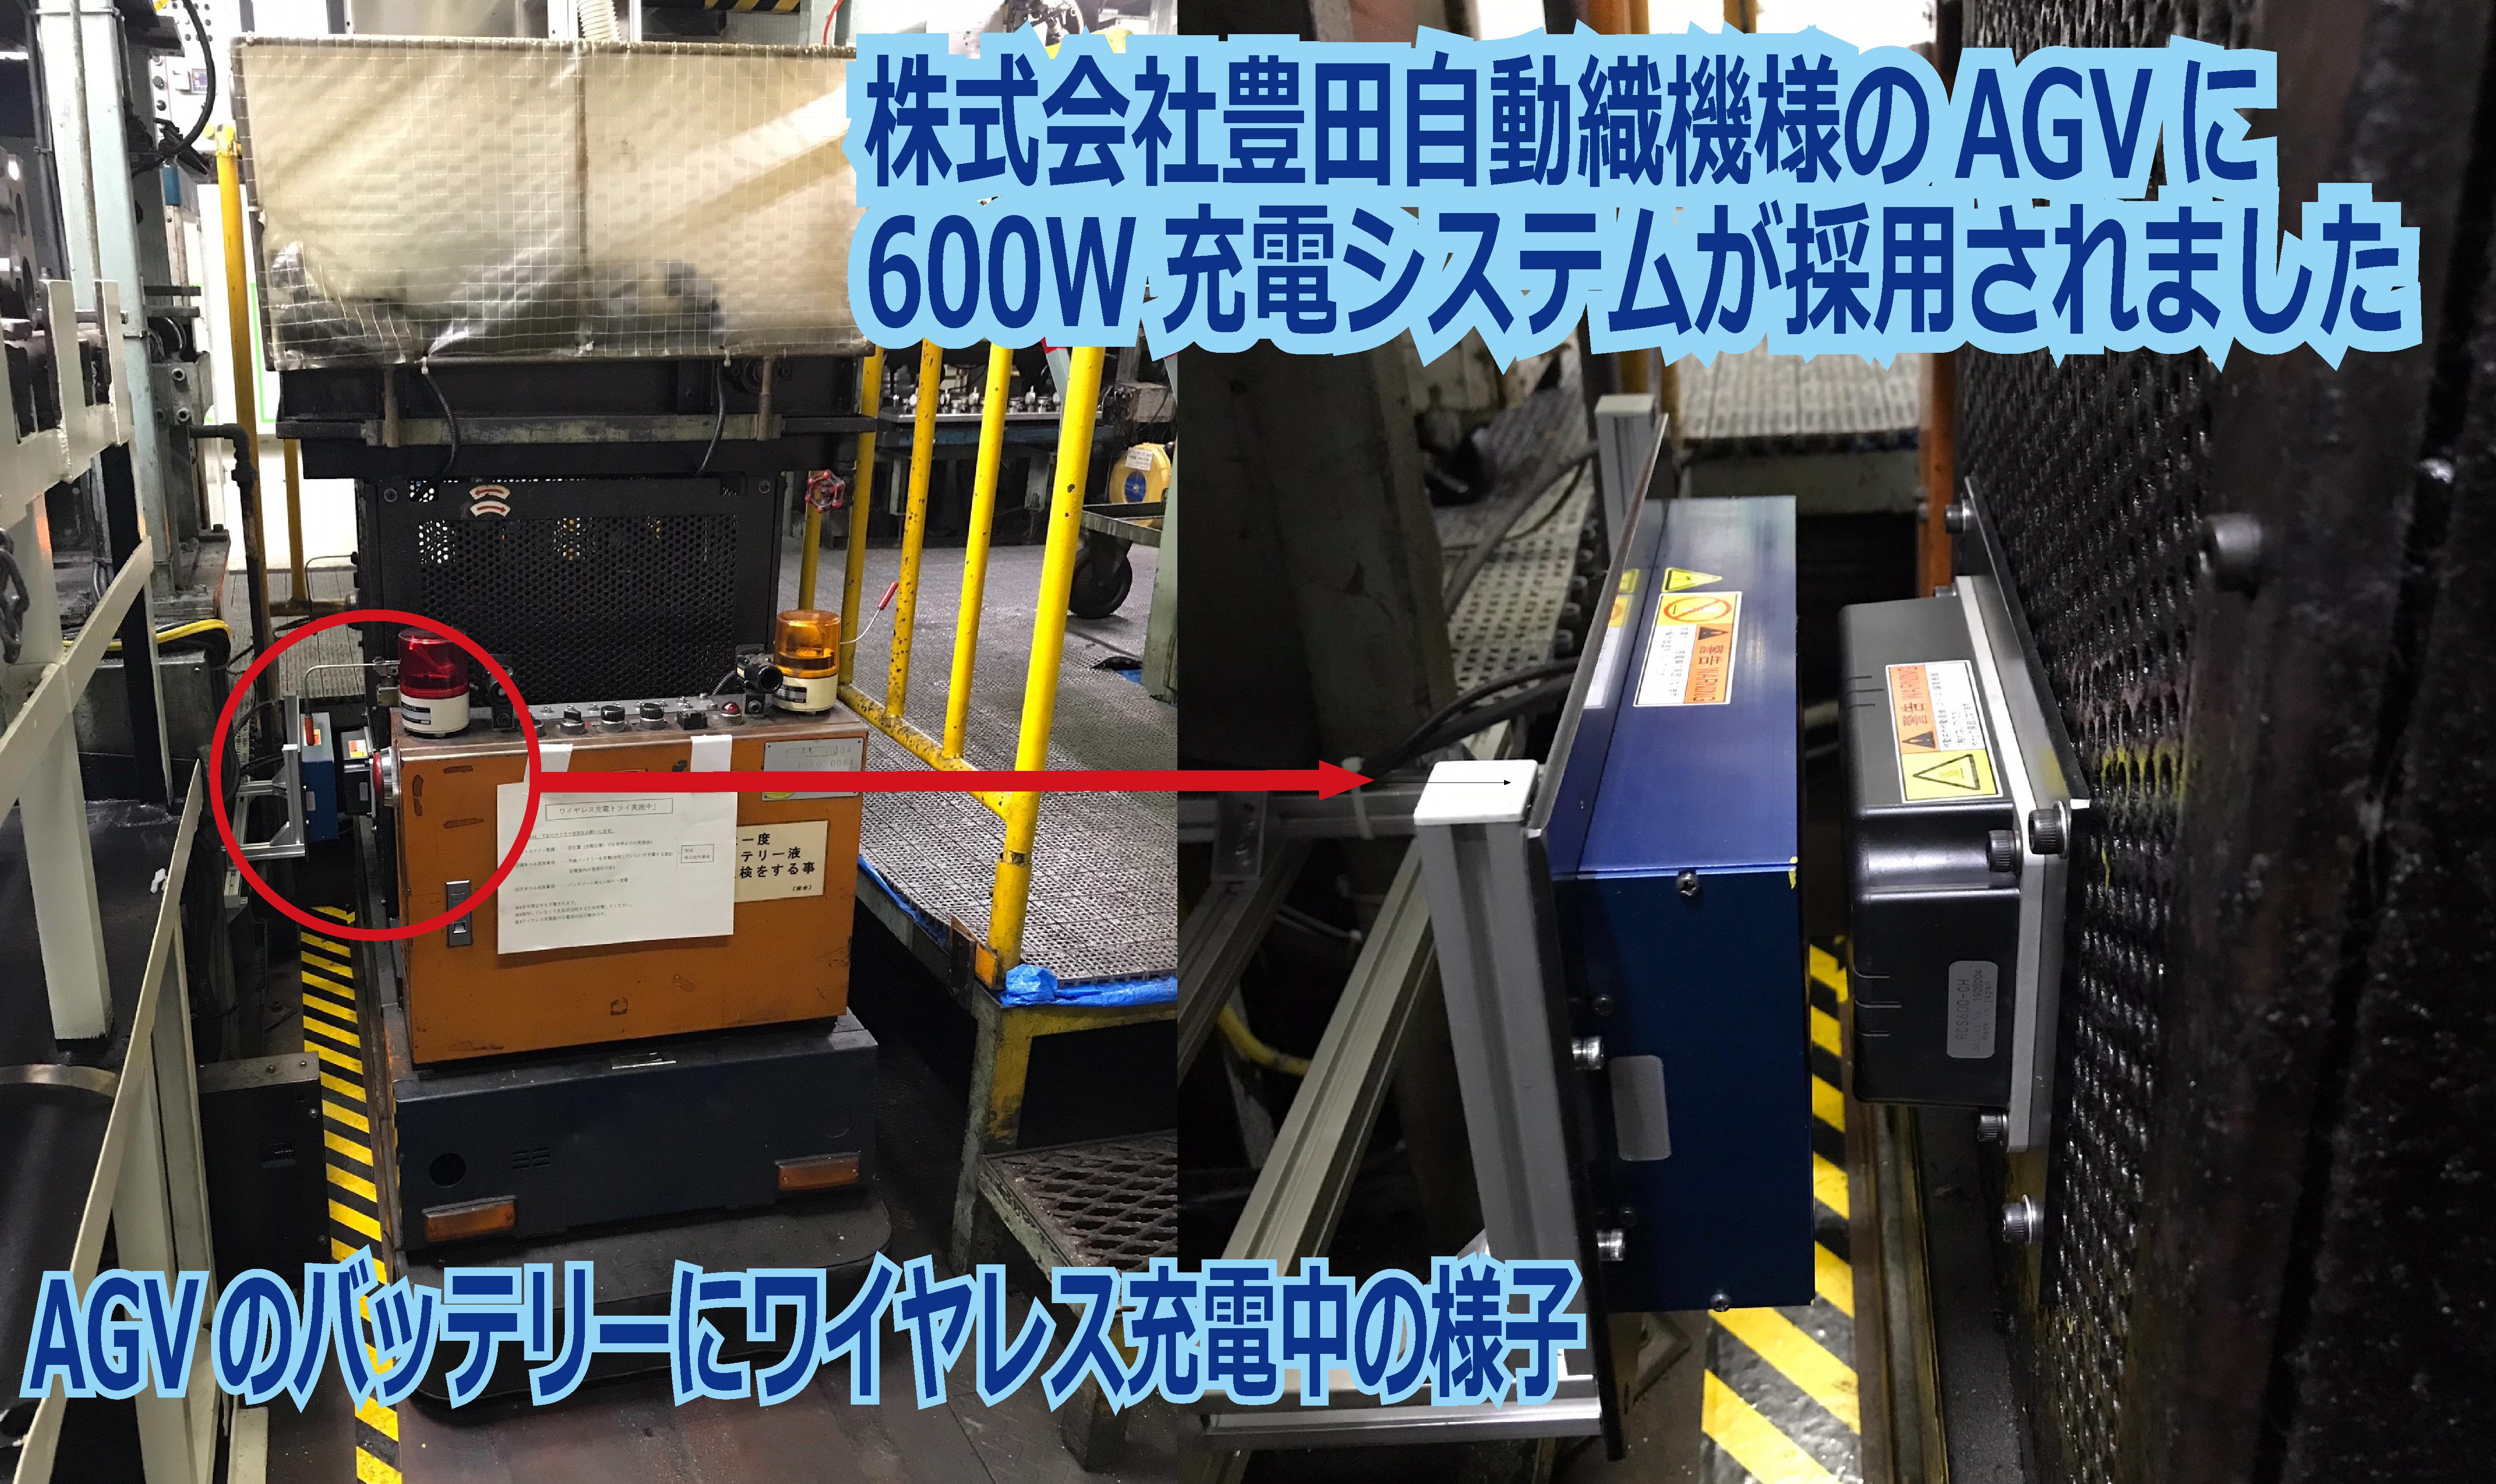 ㈱豊田自動織機様のAGVに600W充電システムが採用された事例をご紹介します